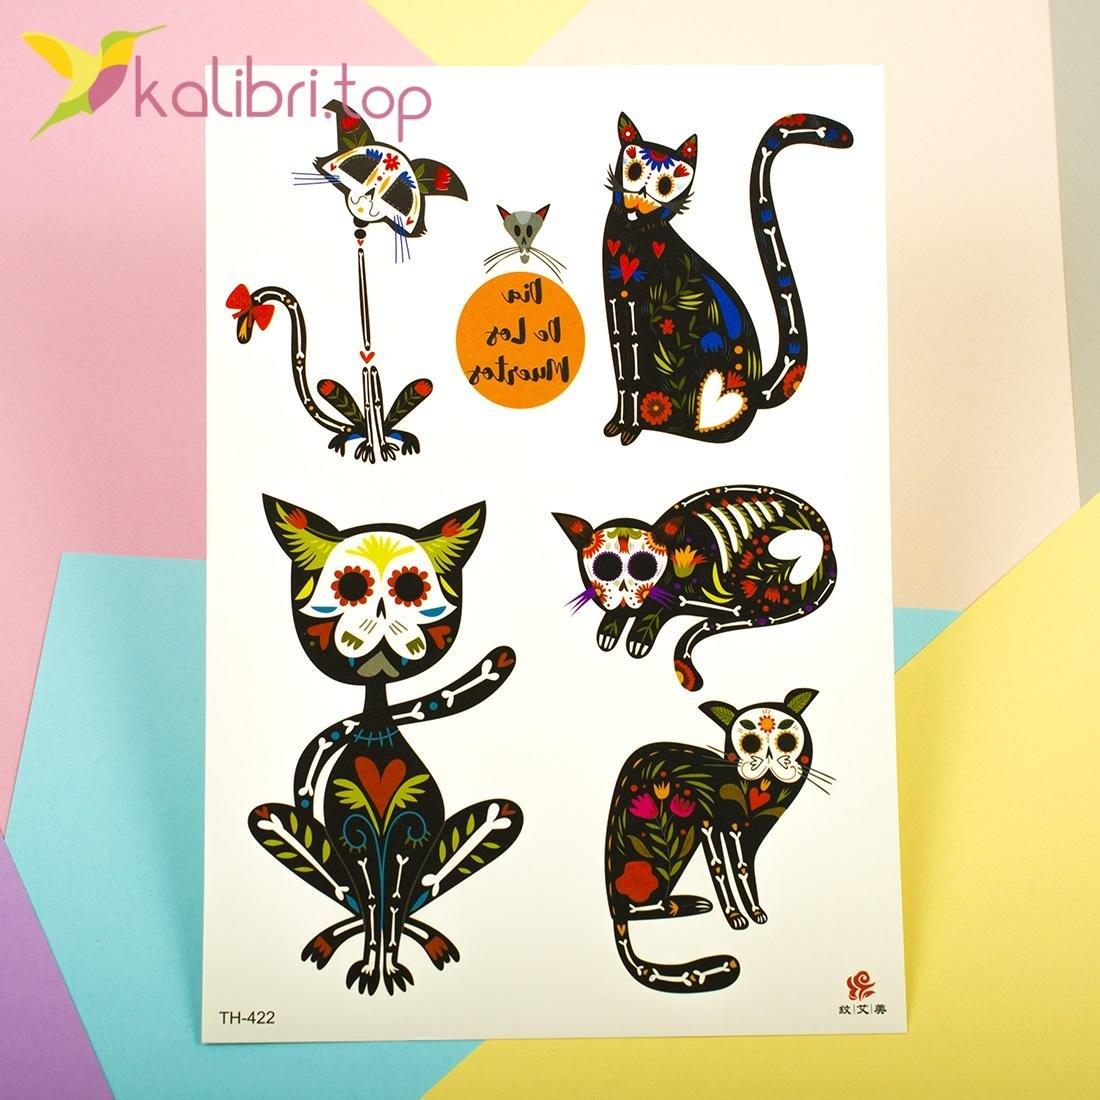 Детские, временные татуировки - коты под рентгеном - Kalibri